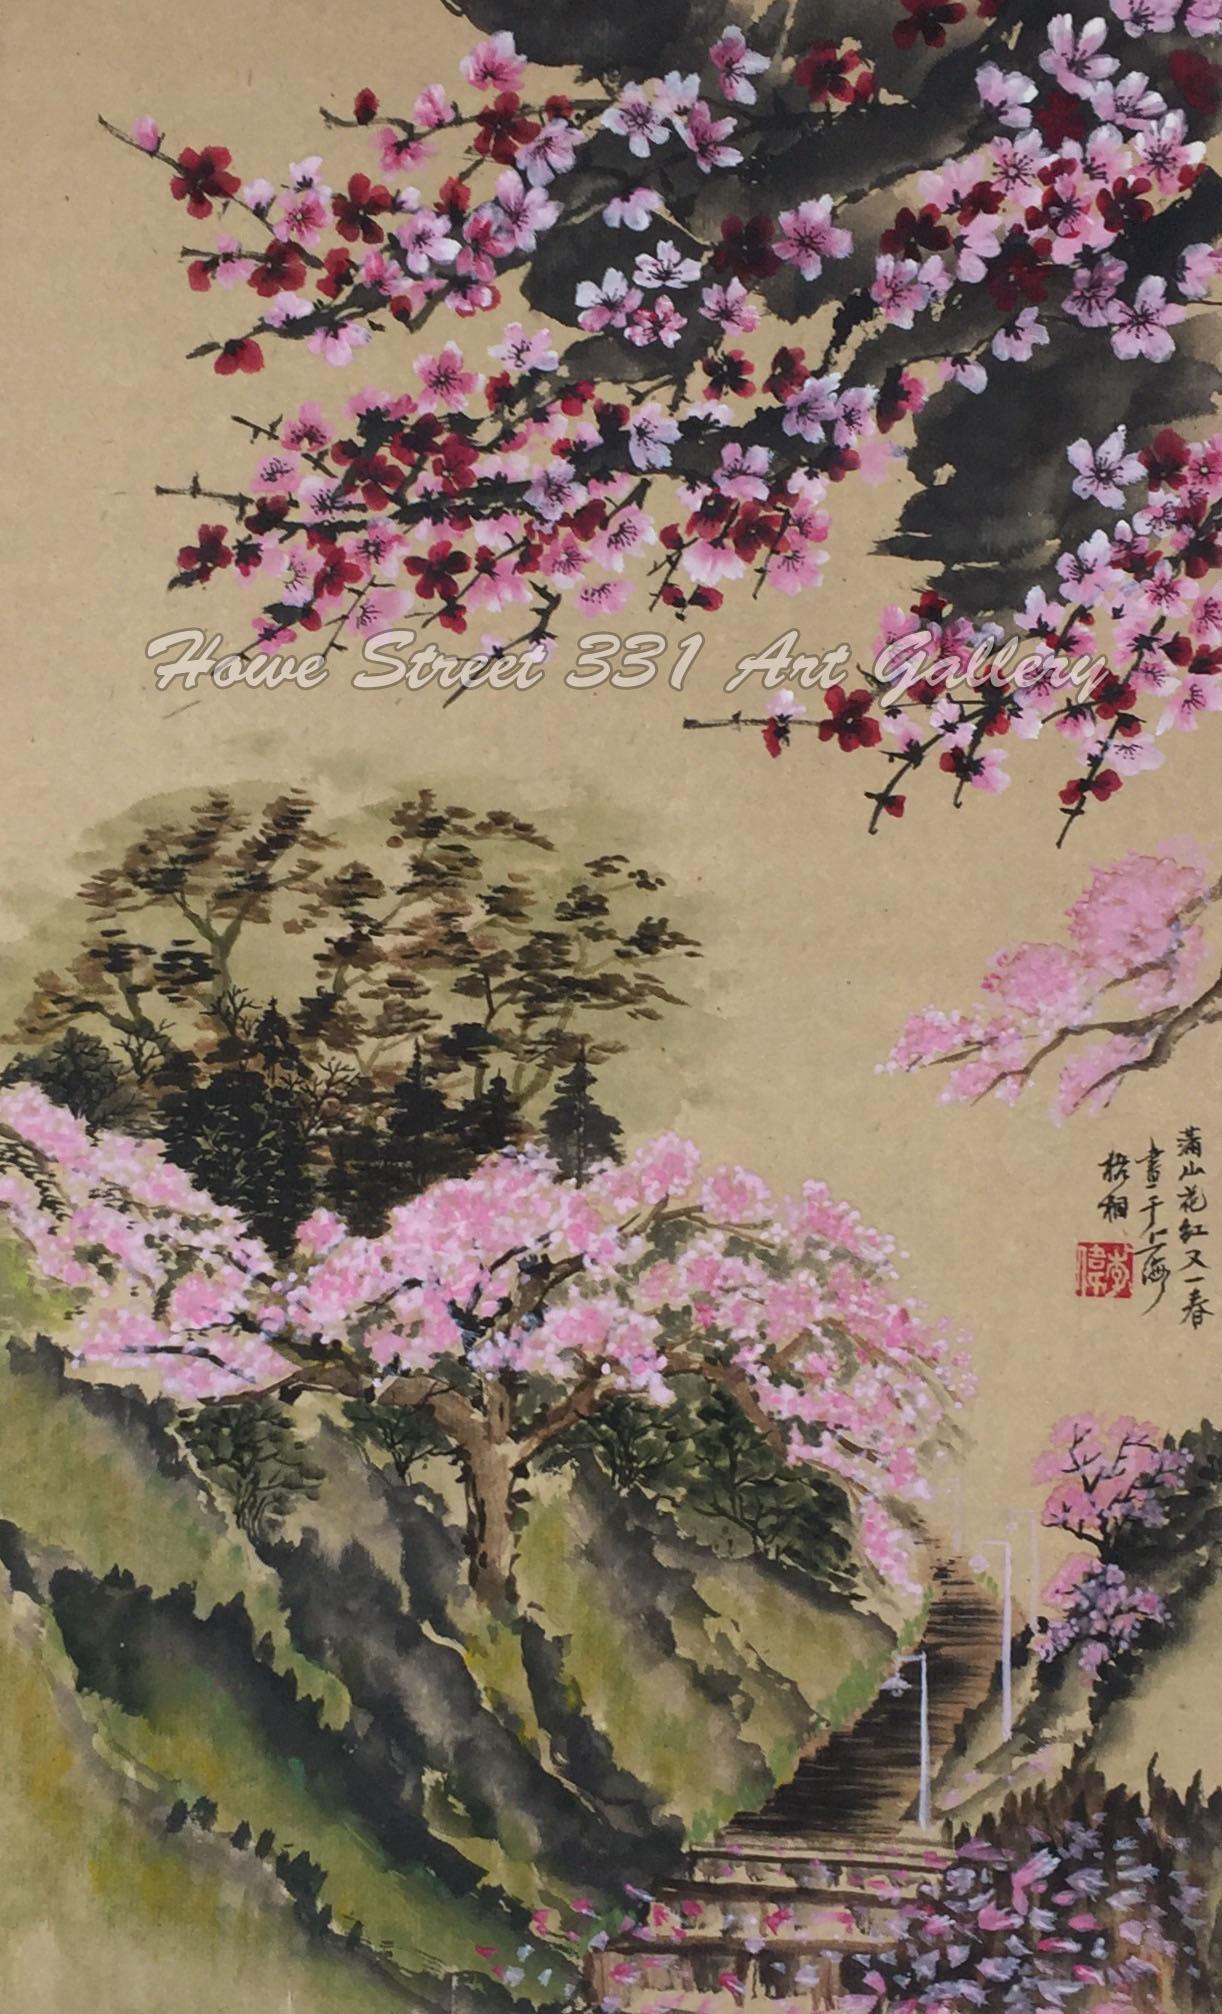 李伟  李伟先生的绘画主题非常多样。他擅长画植物,水果还有侍女图,特别精通于画动物,昆虫还有山水。他画中每一只动物的神态都不一样,活灵活现,好像那些纸上的鸟儿,鱼儿,老虎,雄鹰都有自己的灵魂。